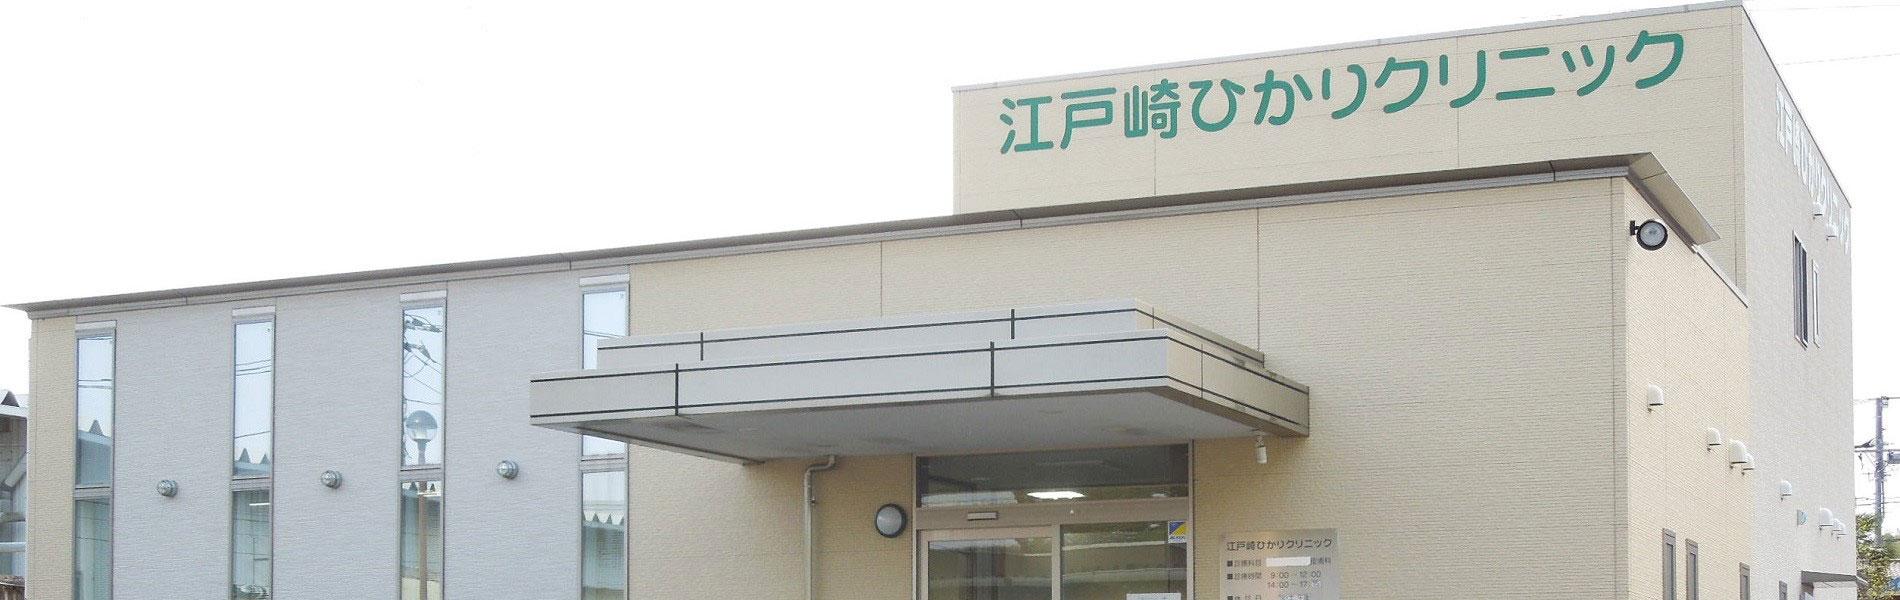 江戸崎ひかりクリニック